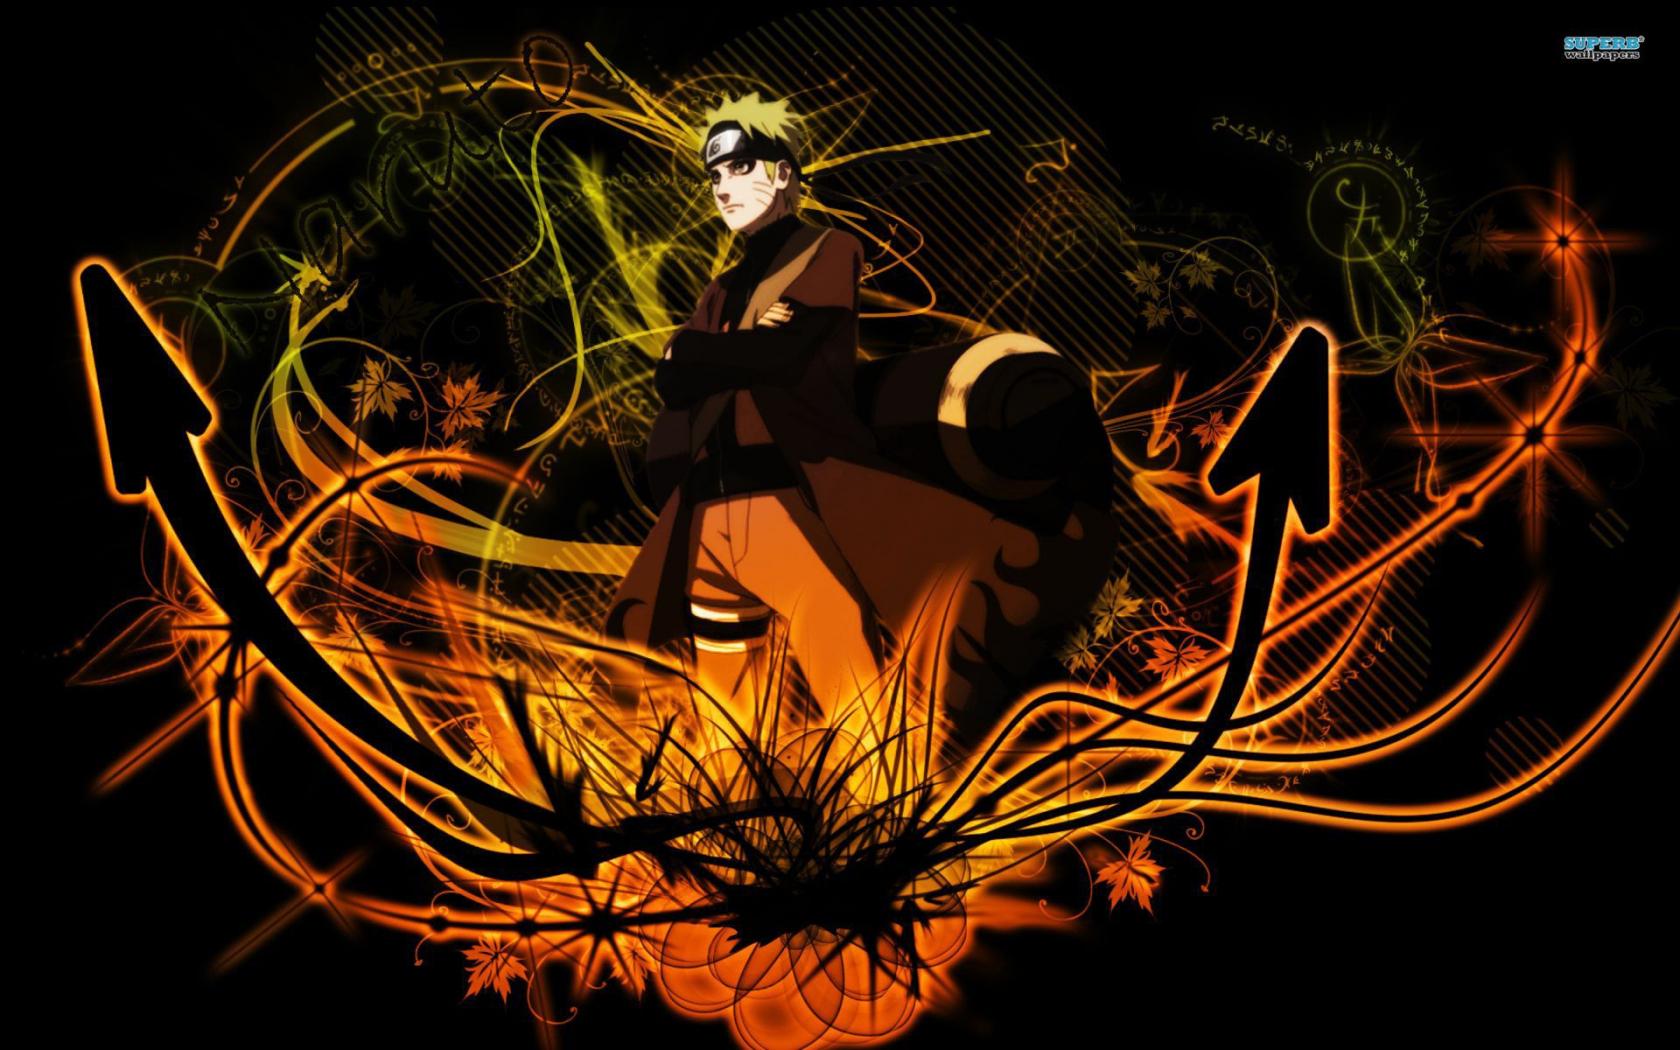 Free Download Gambar Naruto Shippuden Terbaru